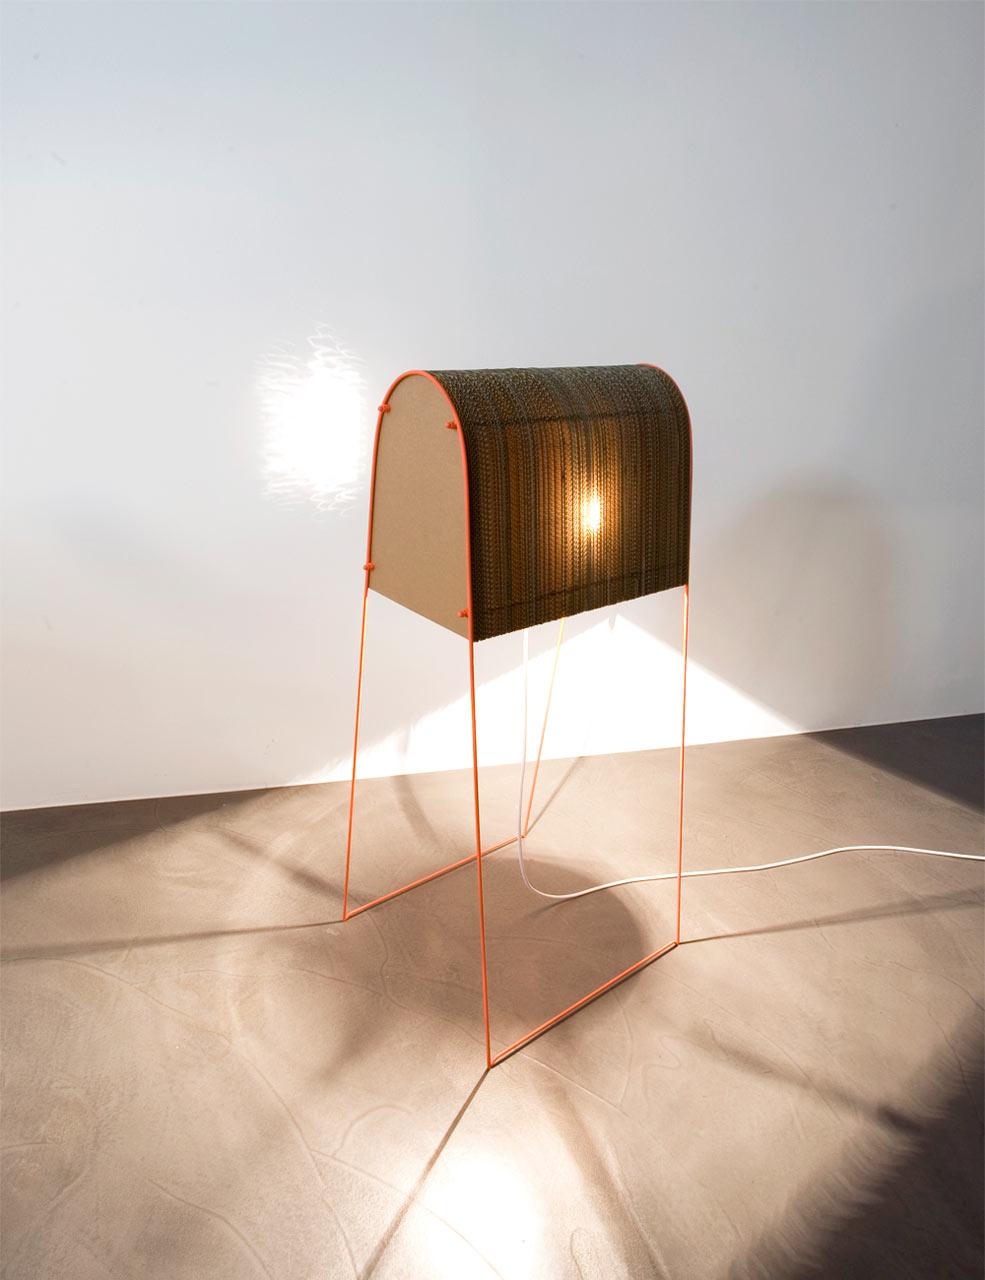 cardboard-metal-lamp-grandma-nico-goebel-4b